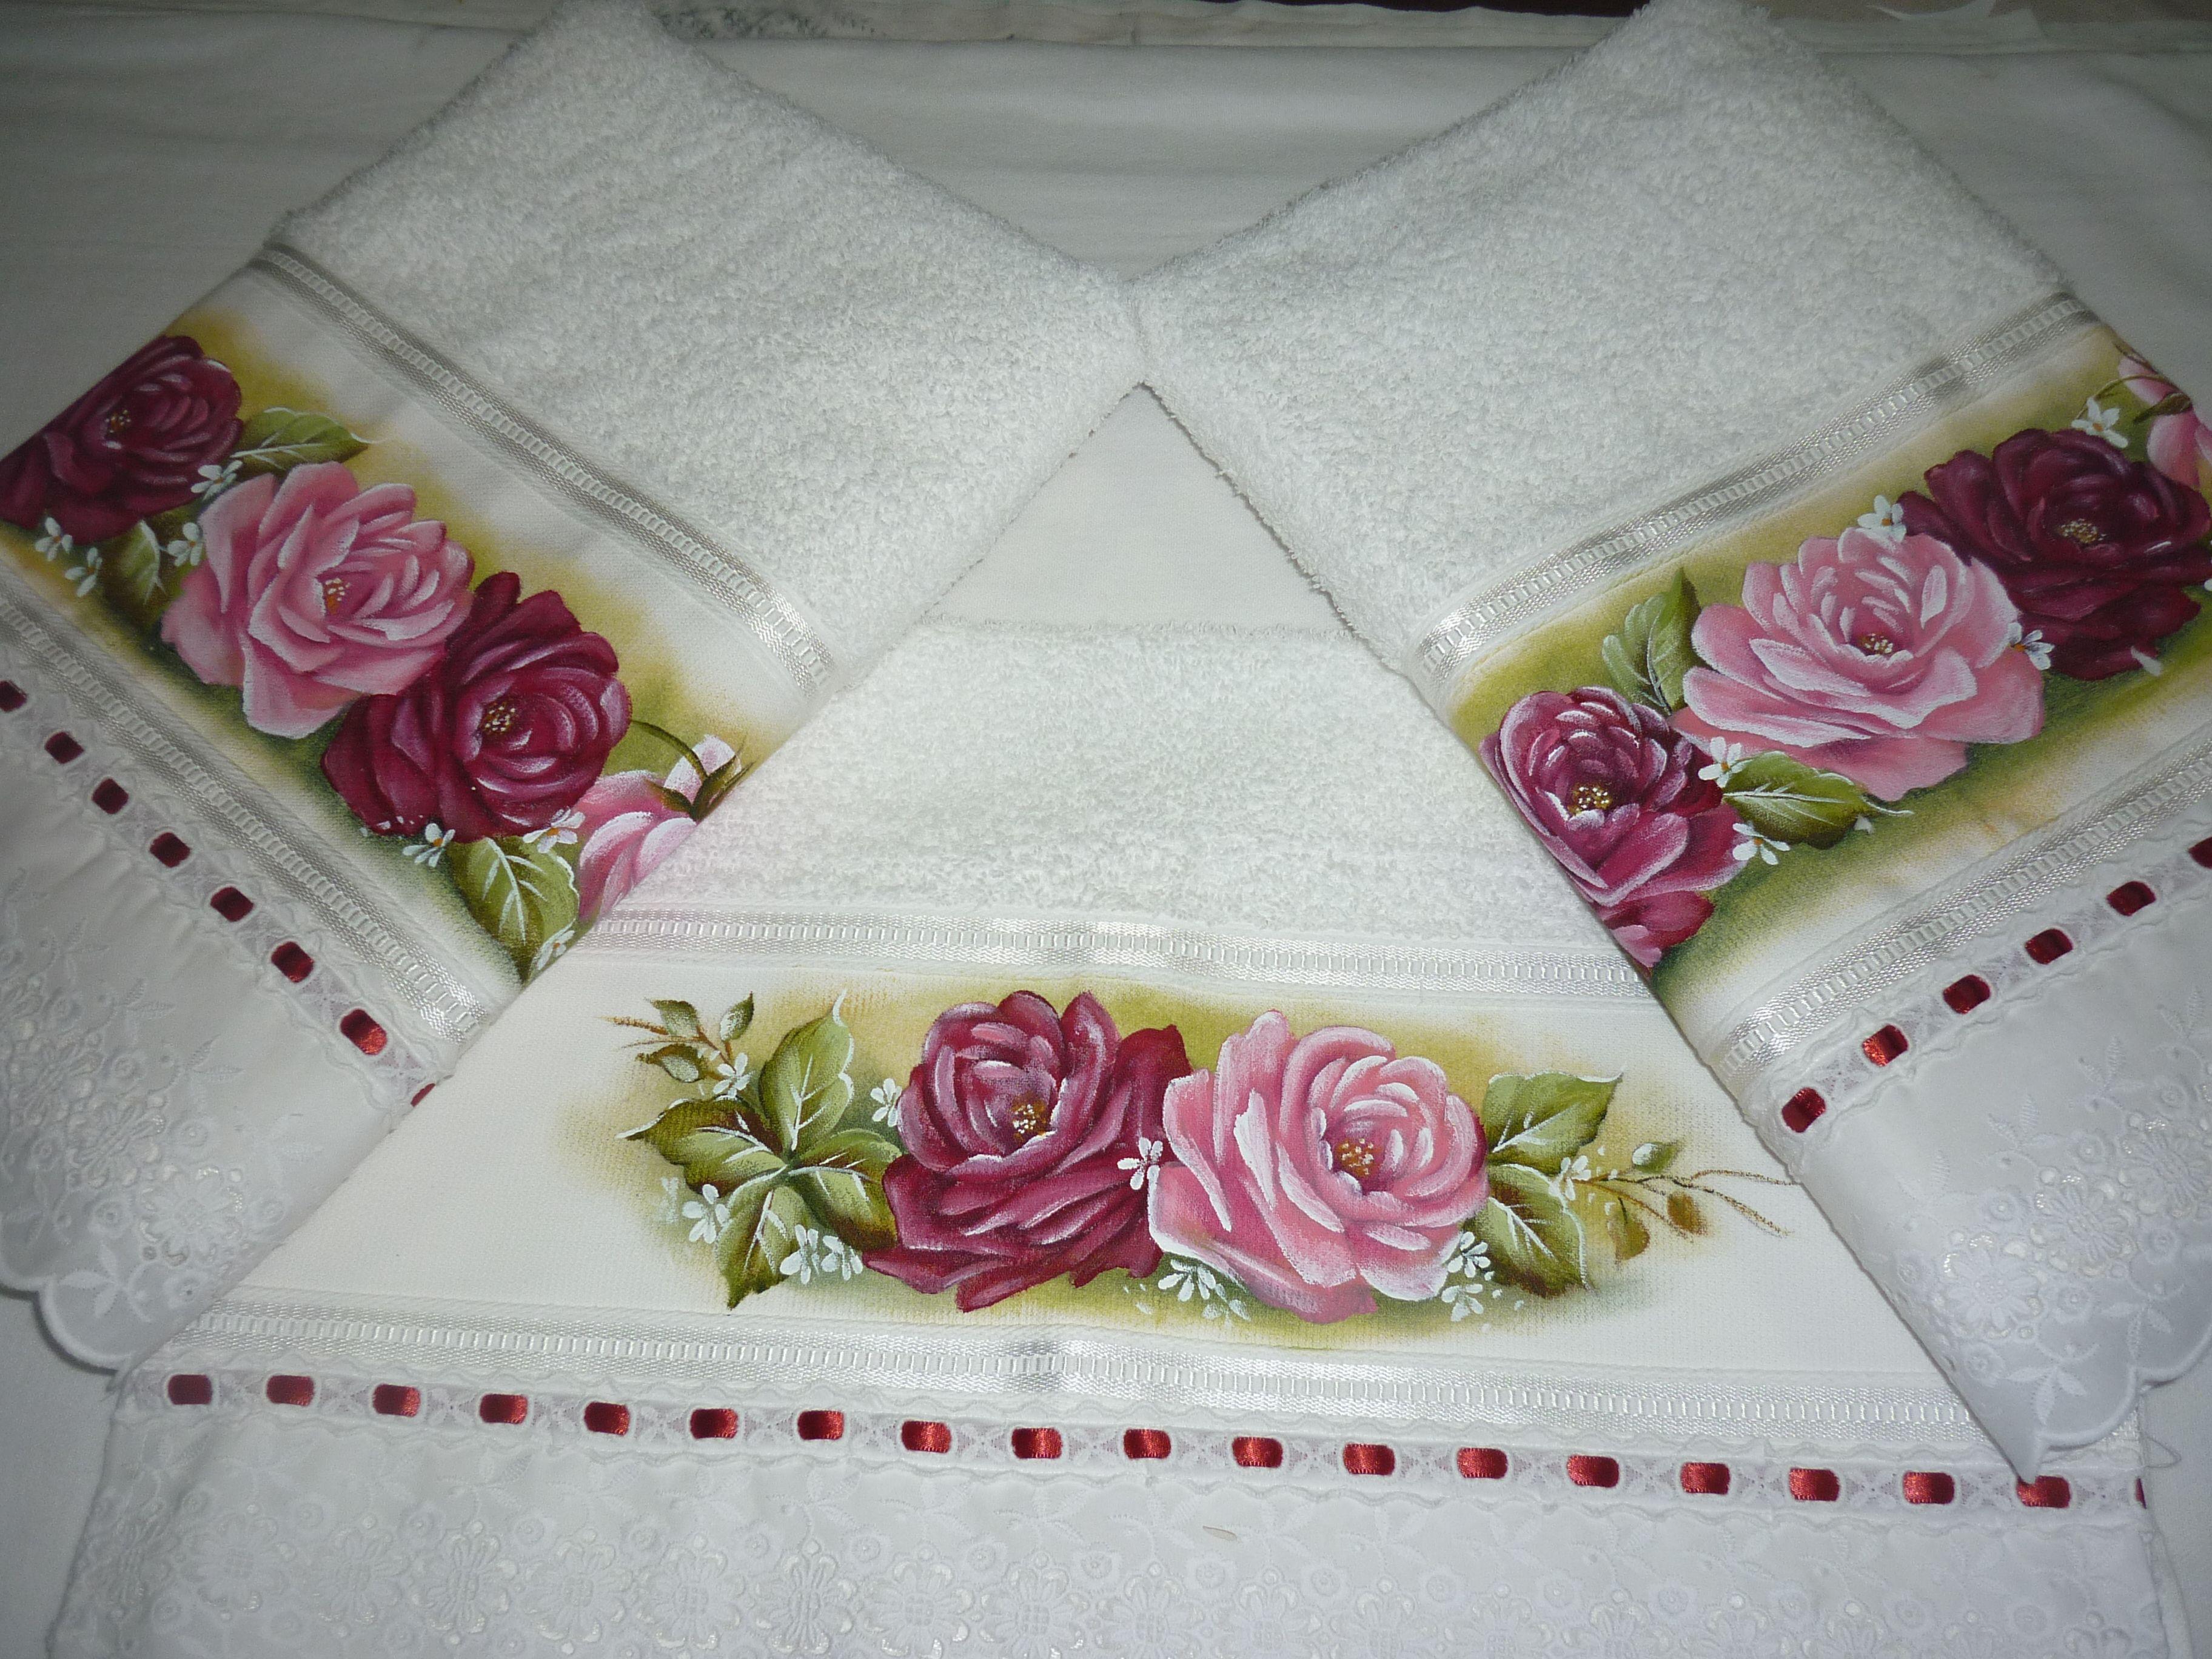 Jogo de toalhas brancas com pintura de rosas